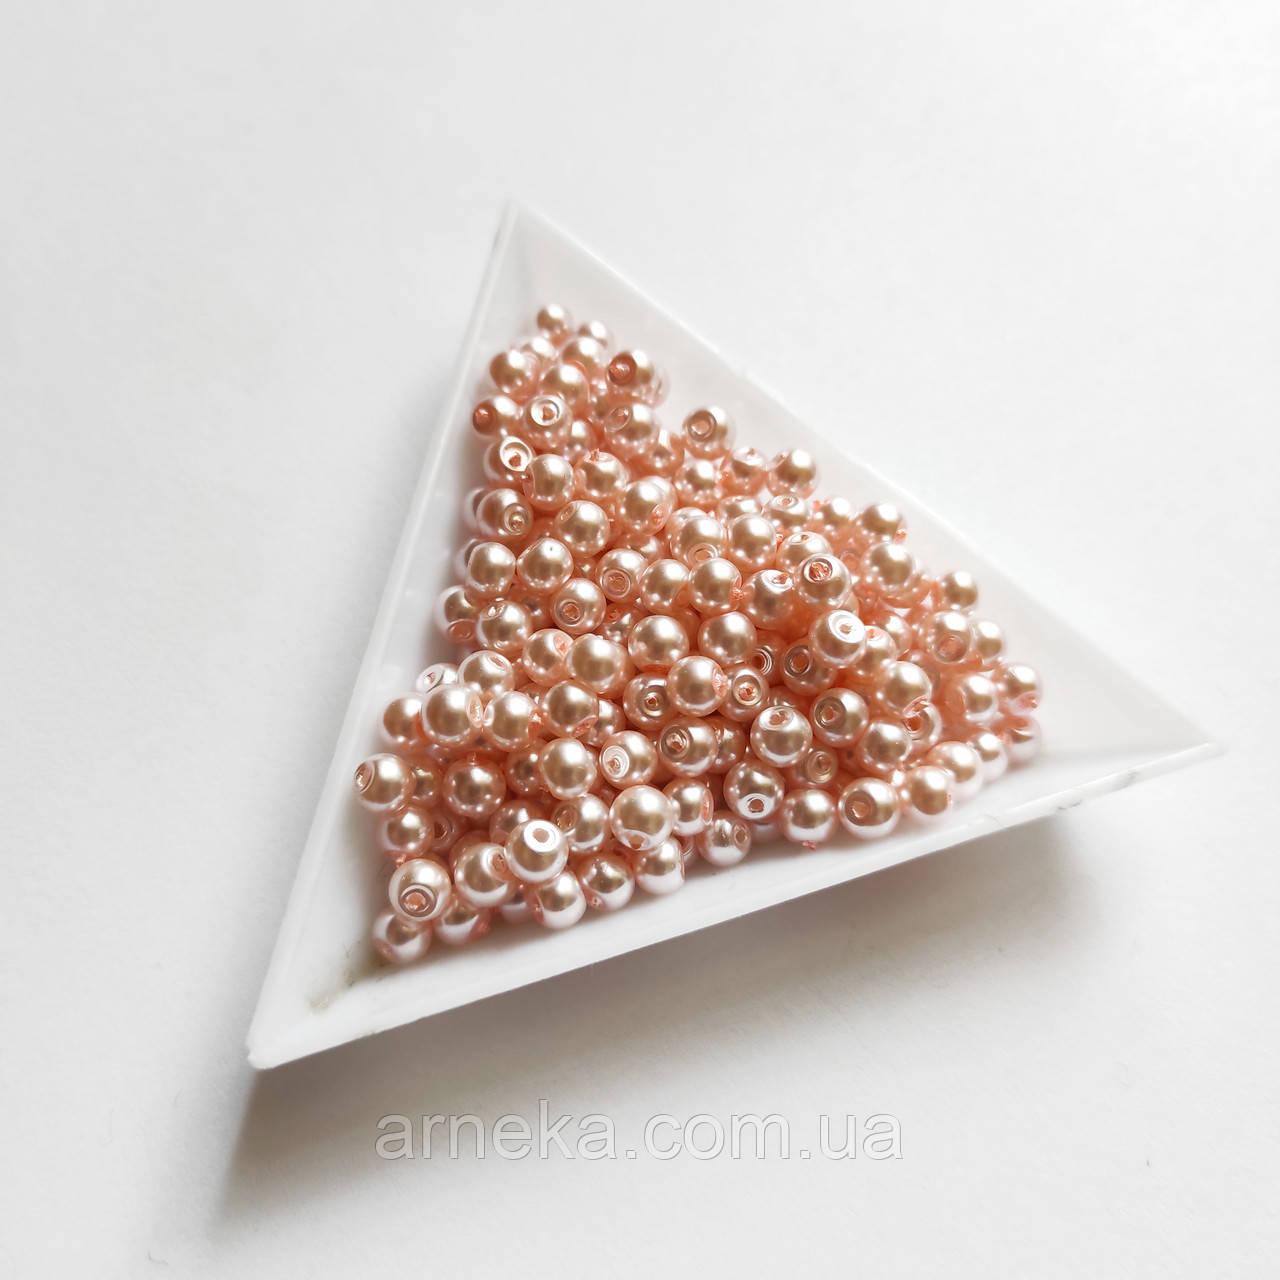 Бусины стекло 0,4 см нежно розовые (цена за 10 шт)